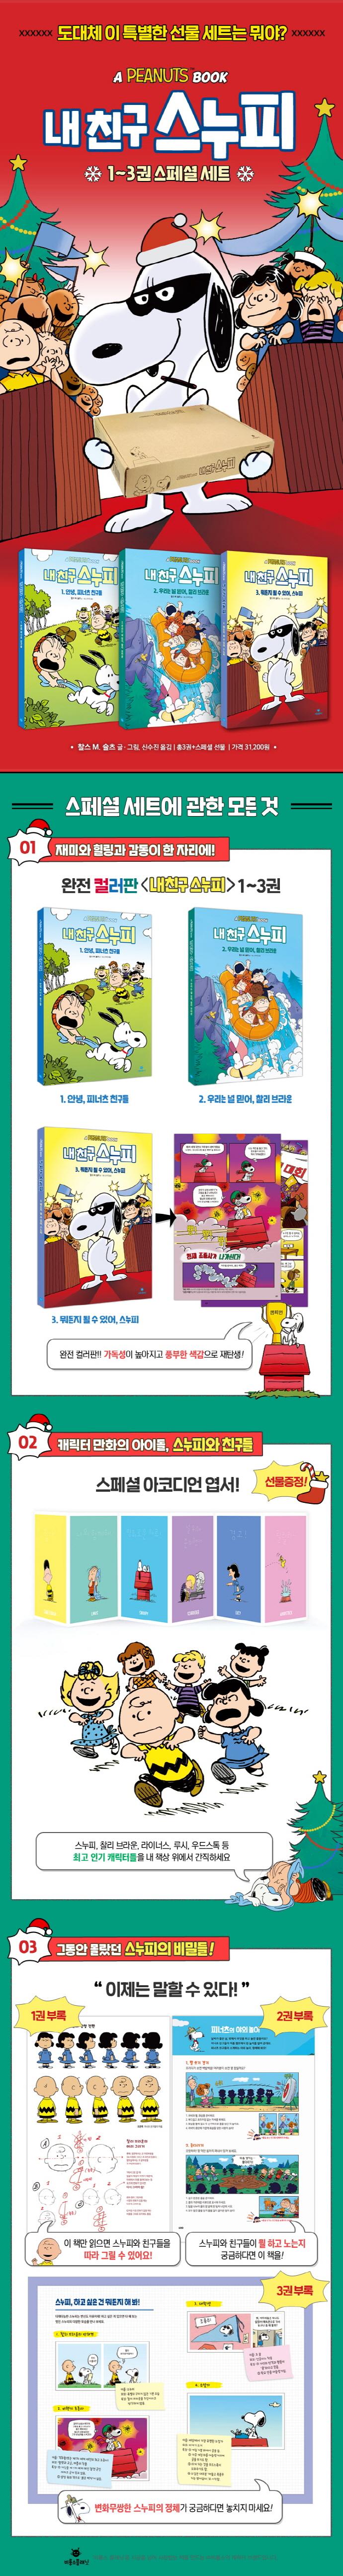 내 친구 스누피 1-3 세트(캐릭터 아코디언 엽서포함)(A Peanuts Books)(전3권) 도서 상세이미지